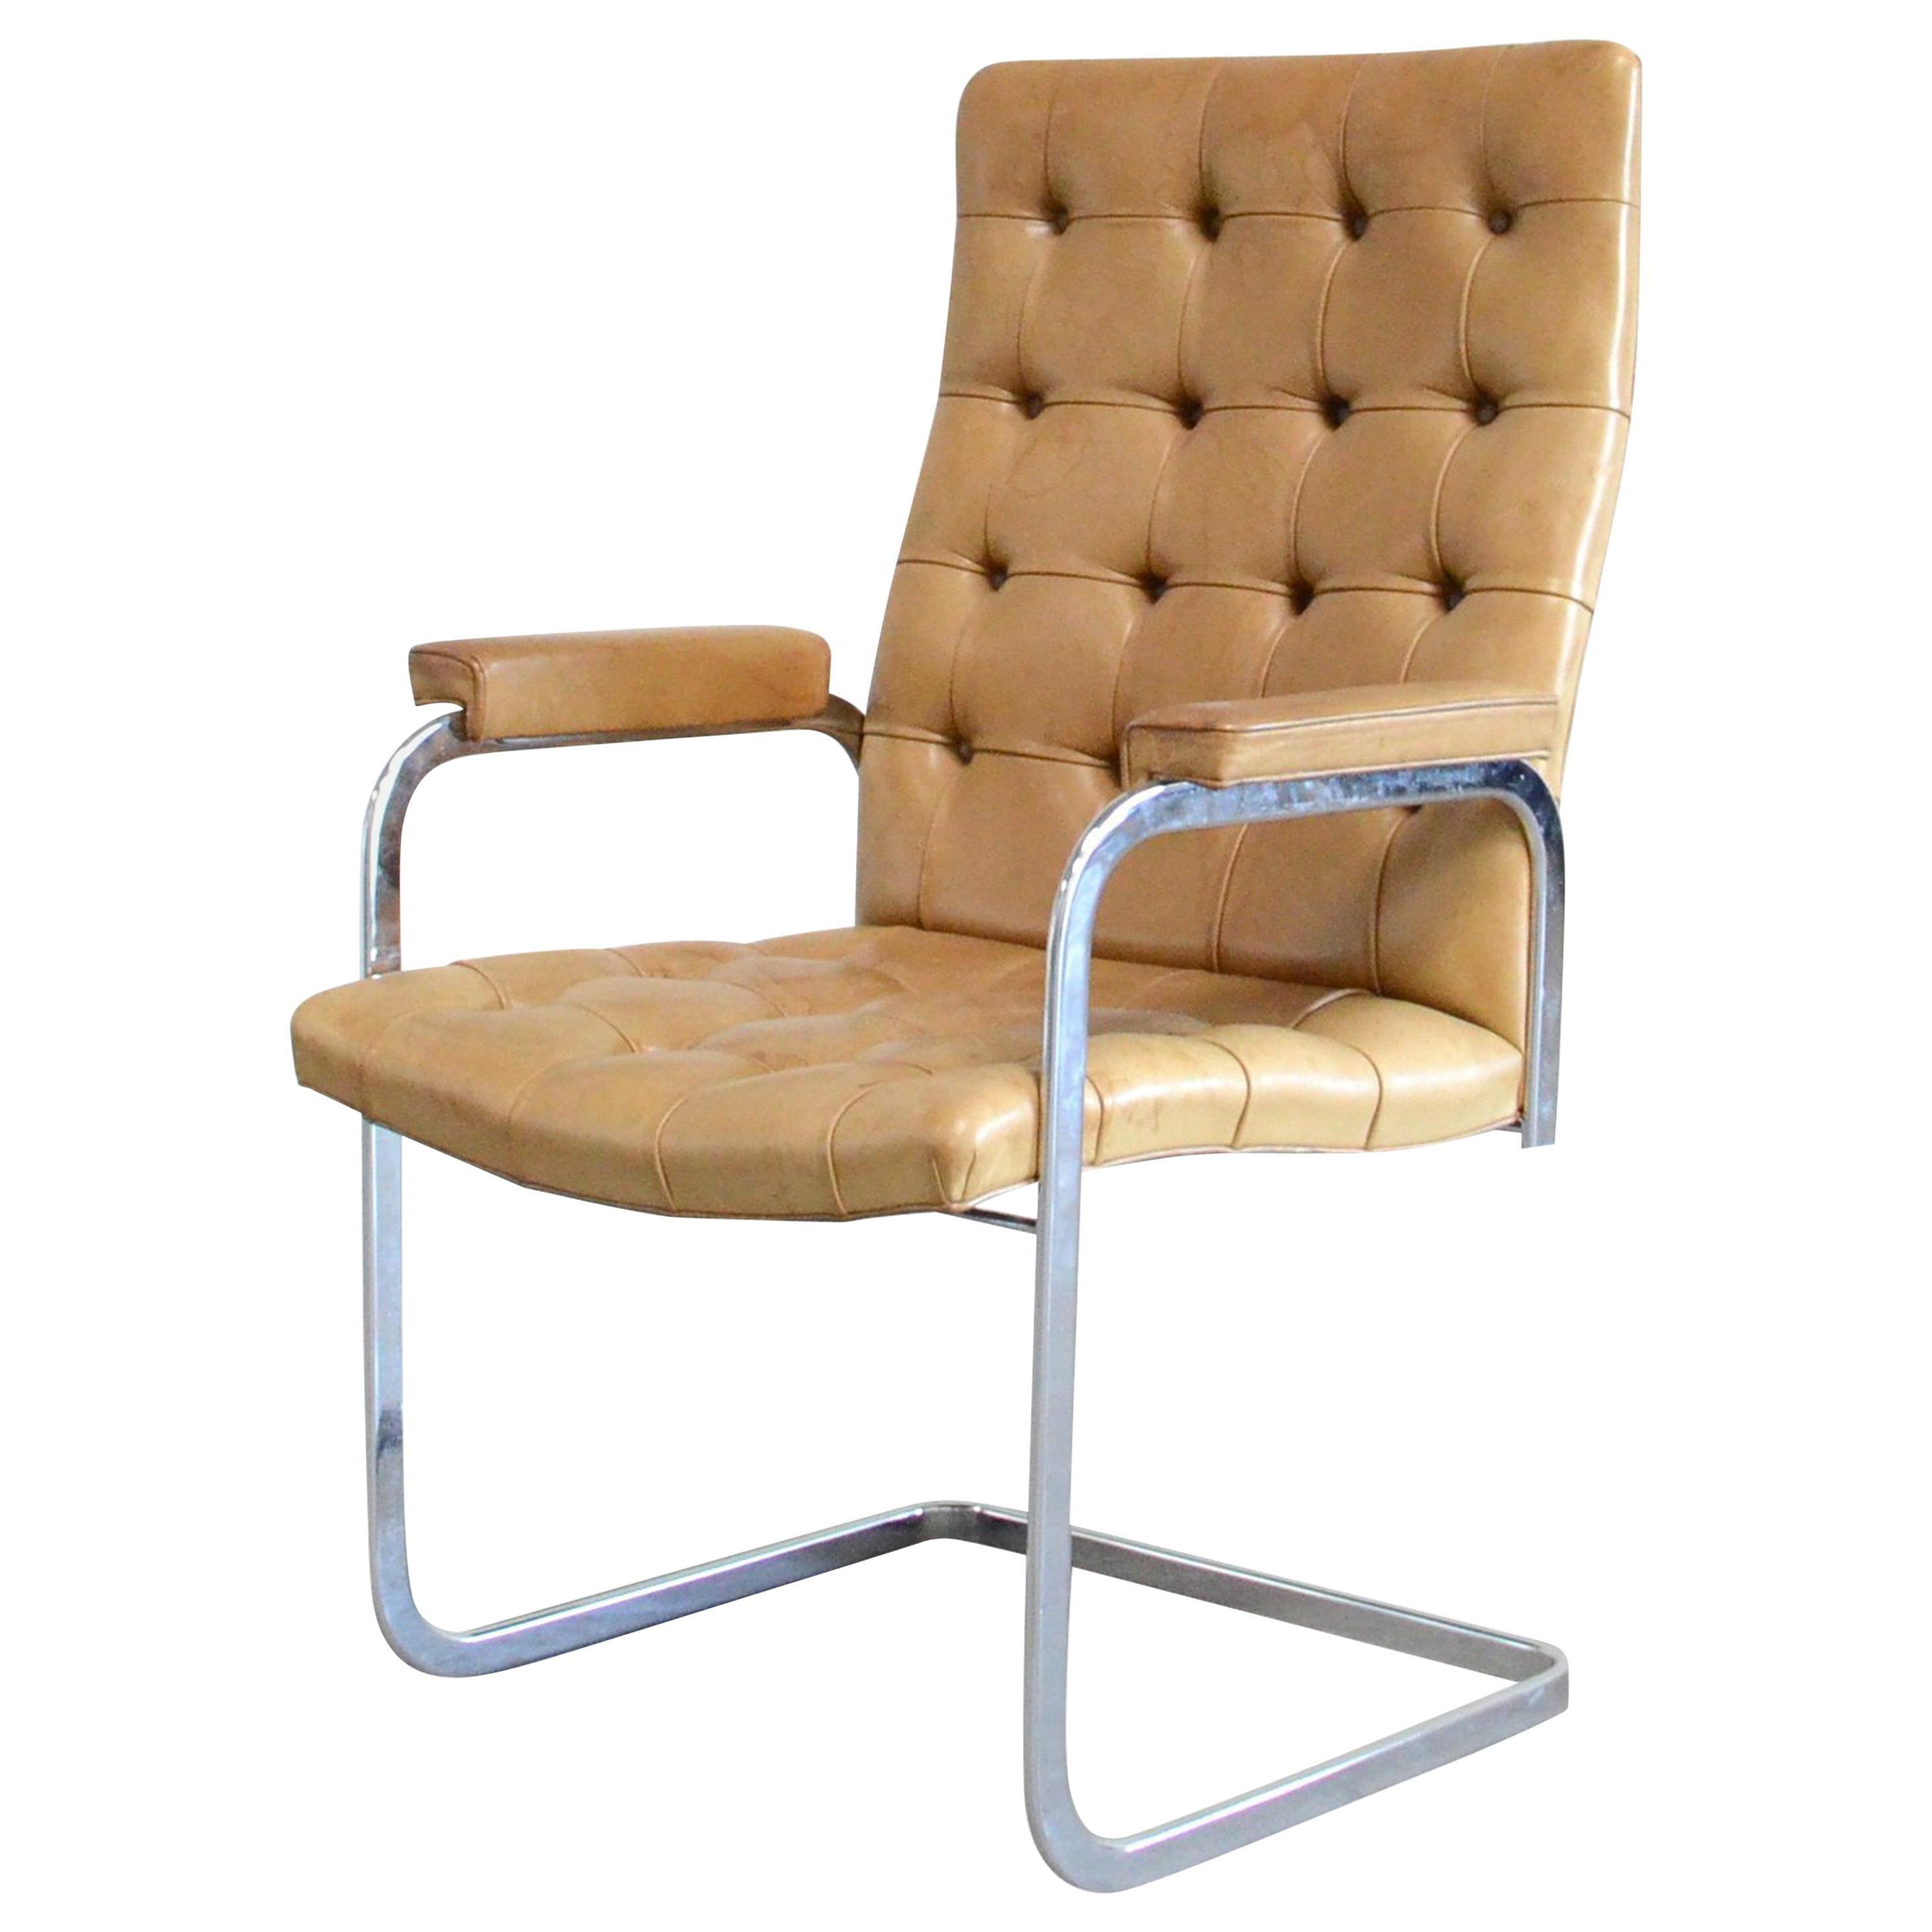 Robert Haussmann De Sede RH 305 High Back Chair Cognac